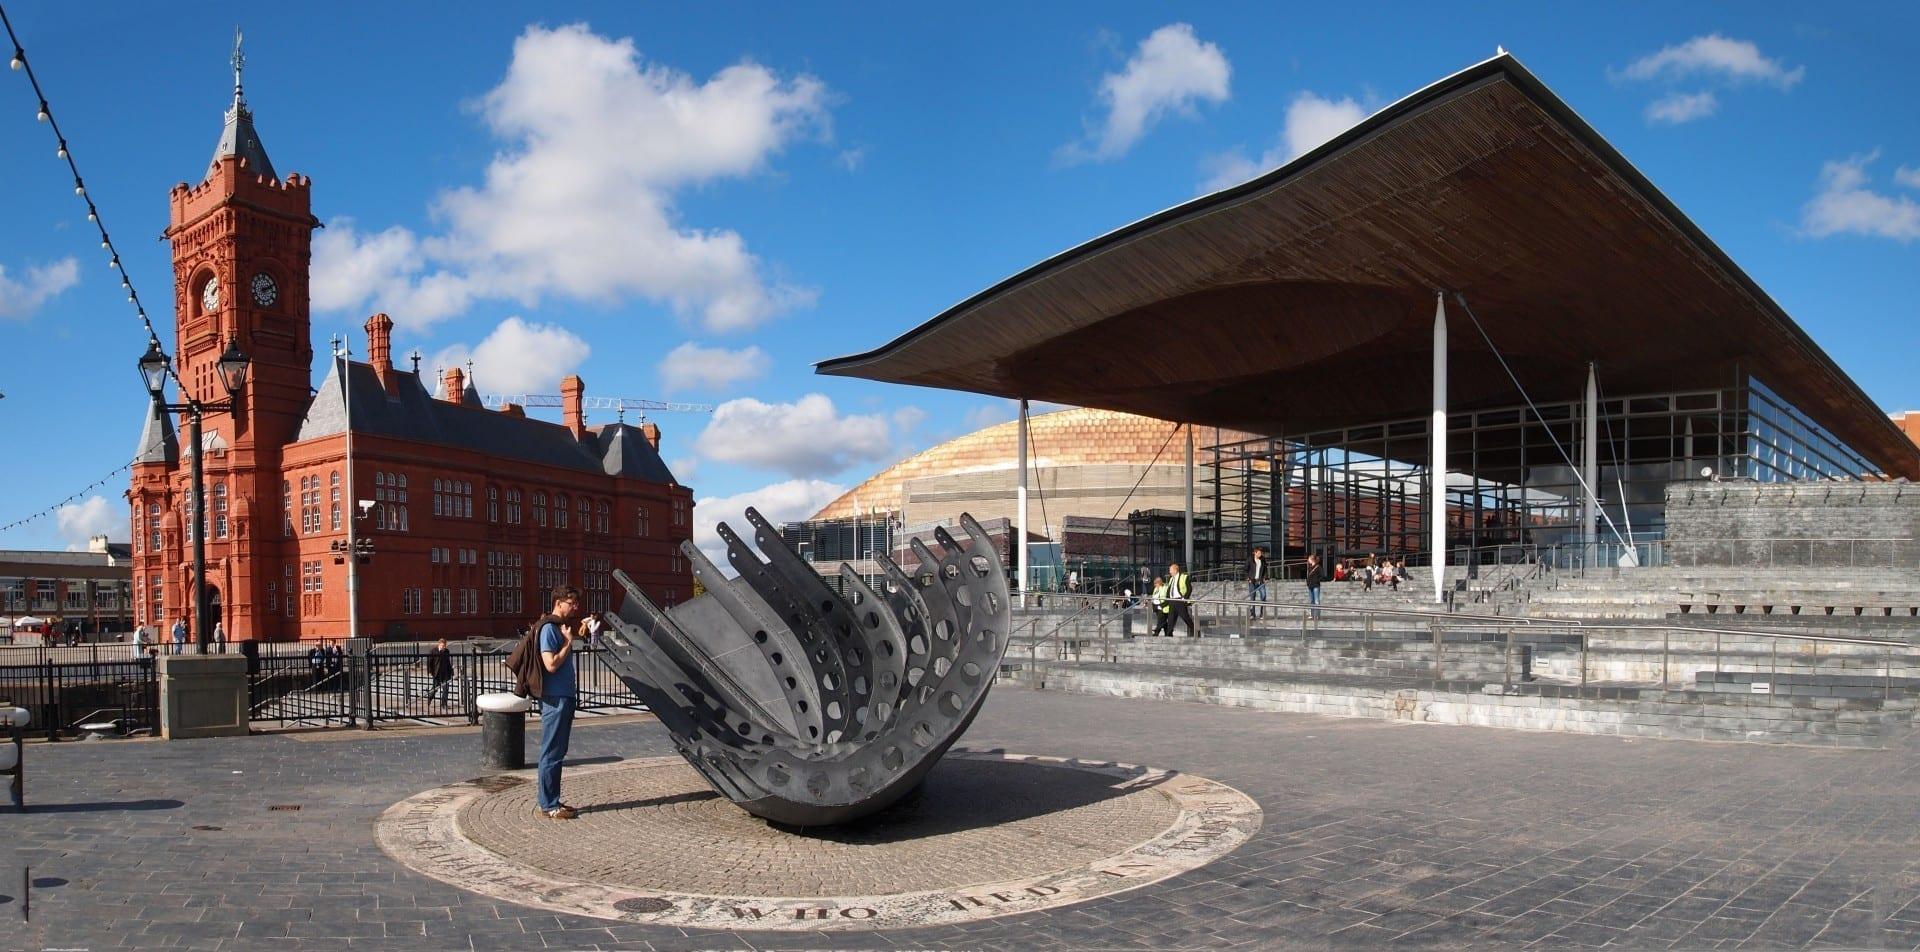 Los principales edificios de la bahía de Cardiff. Desde la izquierda: Pierhead Building, Centro del Milenio de Gales, Senedd Cardiff Reino Unido